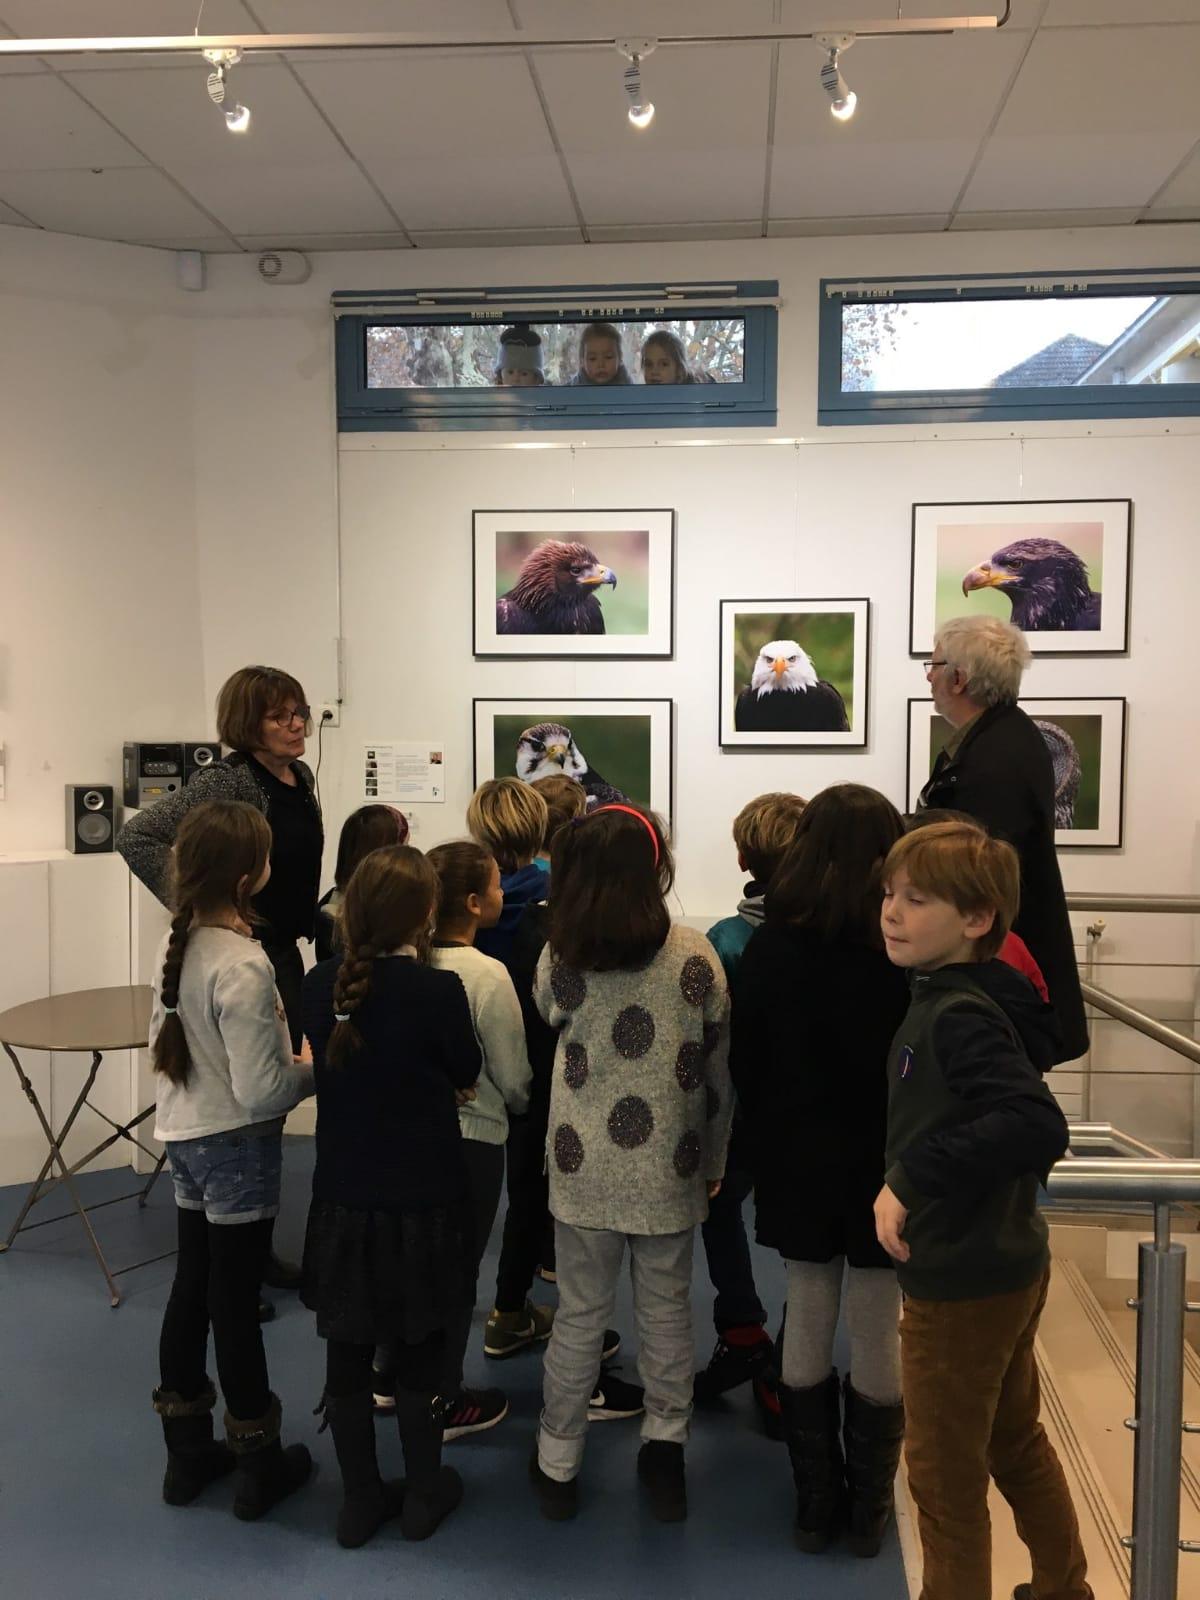 visite de l'exposition par les scolaires